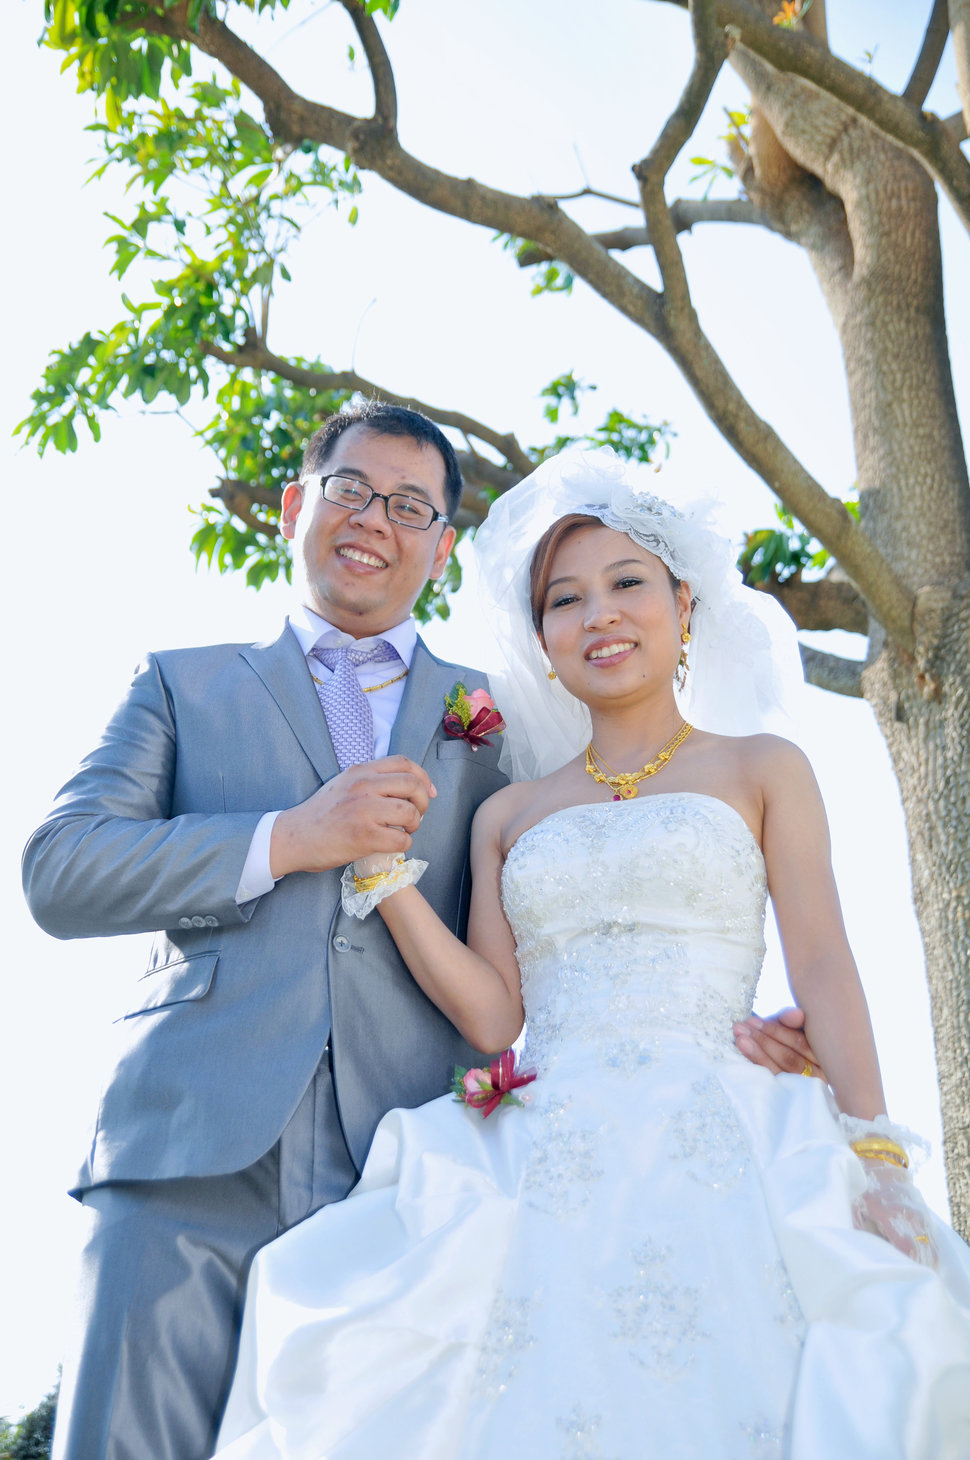 培頌&詩雯迎娶_056 - 克里斯 婚禮紀錄 - 結婚吧